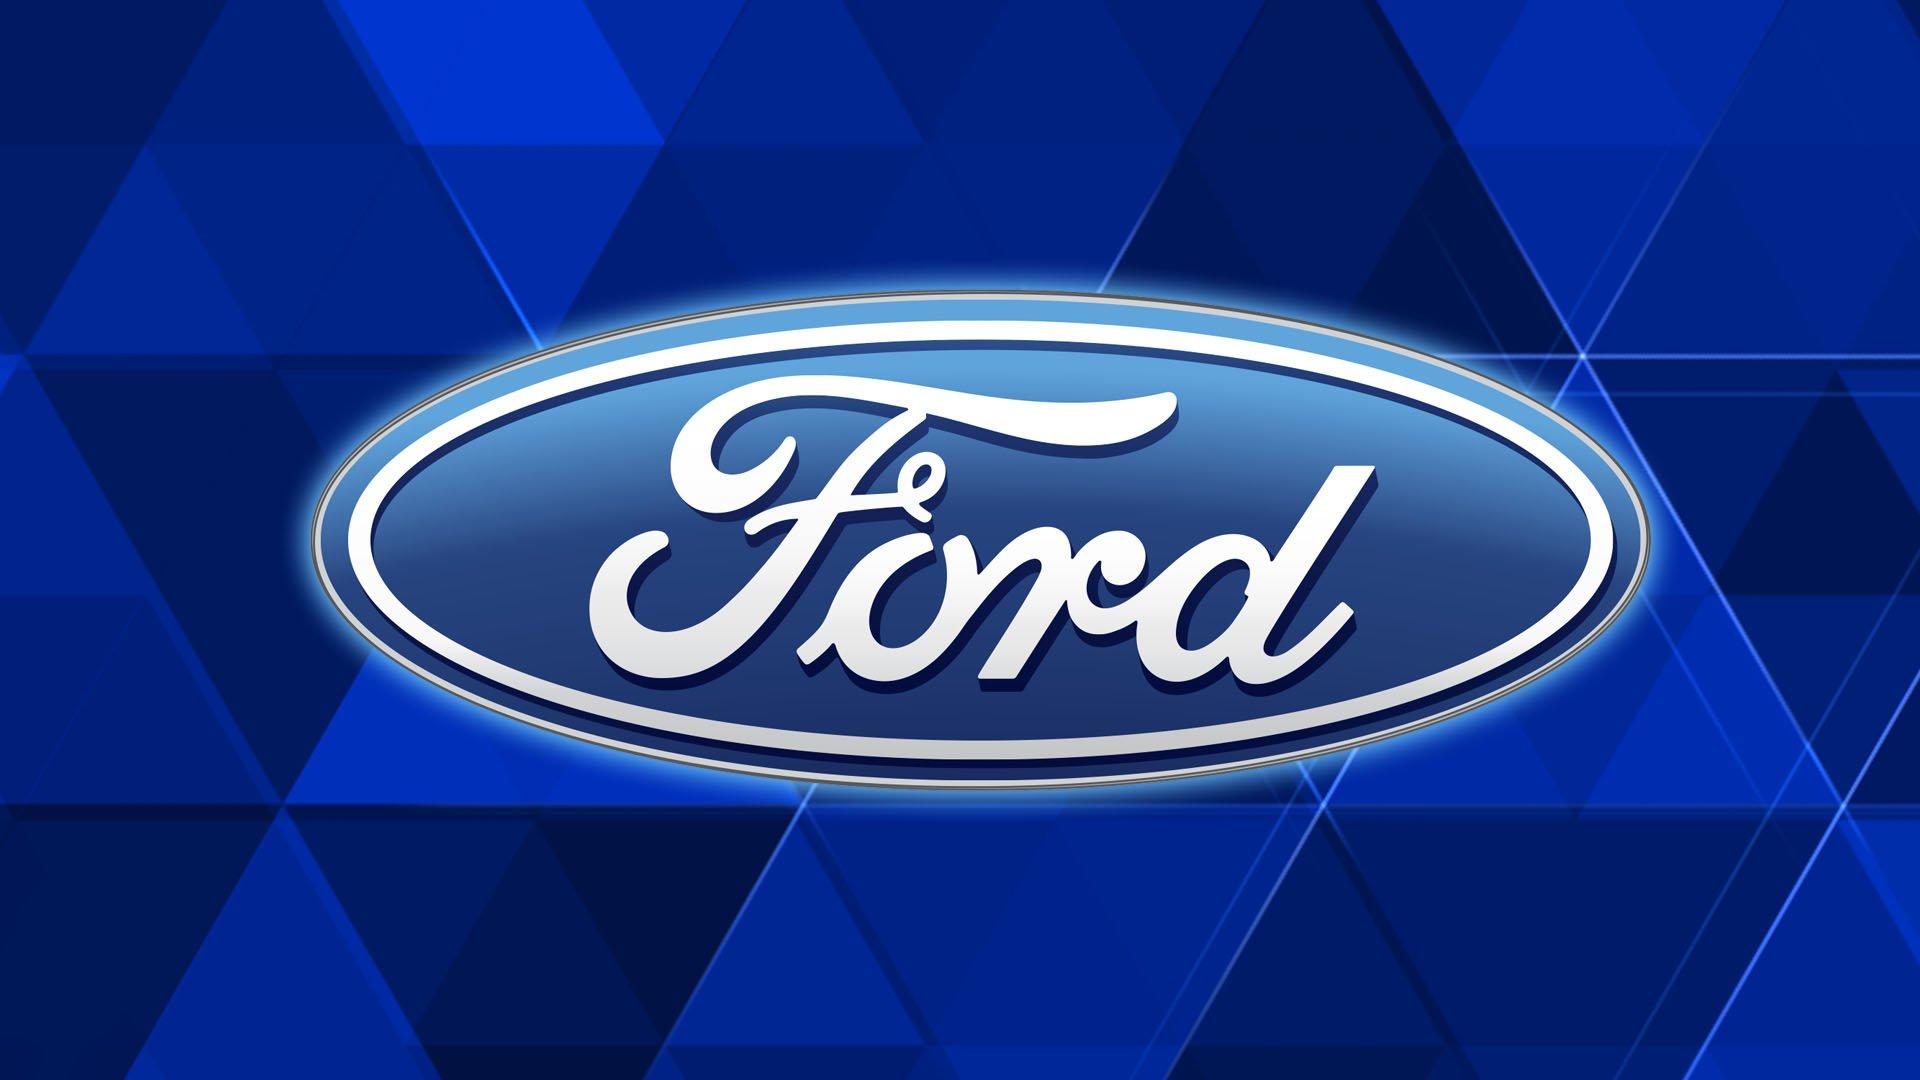 Форд выяснил, что перевозят вмашинах жители России